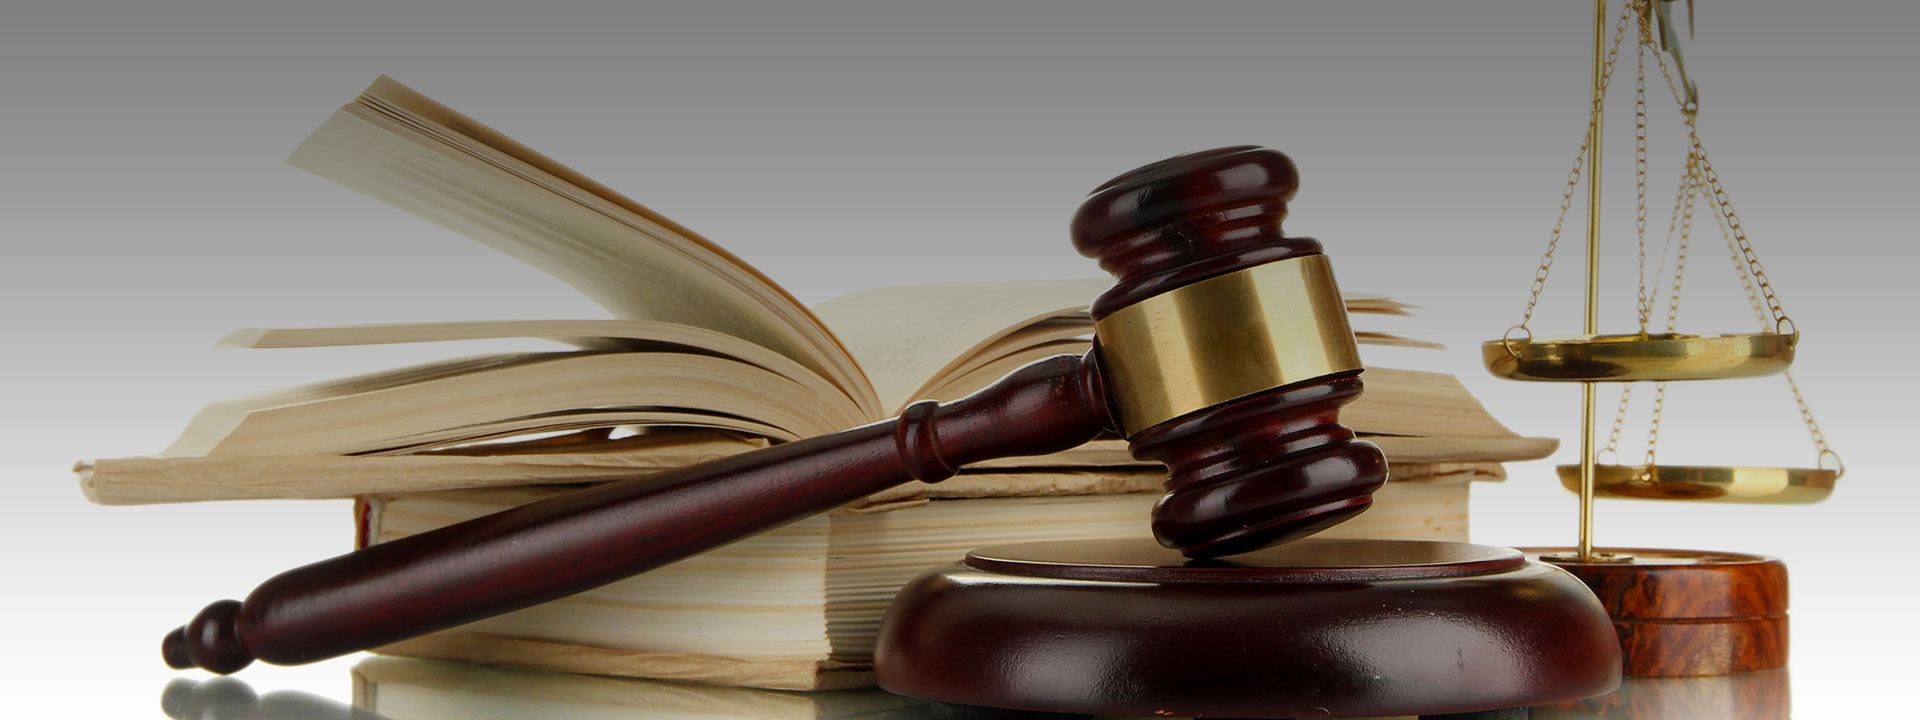 Правовой статус юридических лиц понятие и виды личного закона